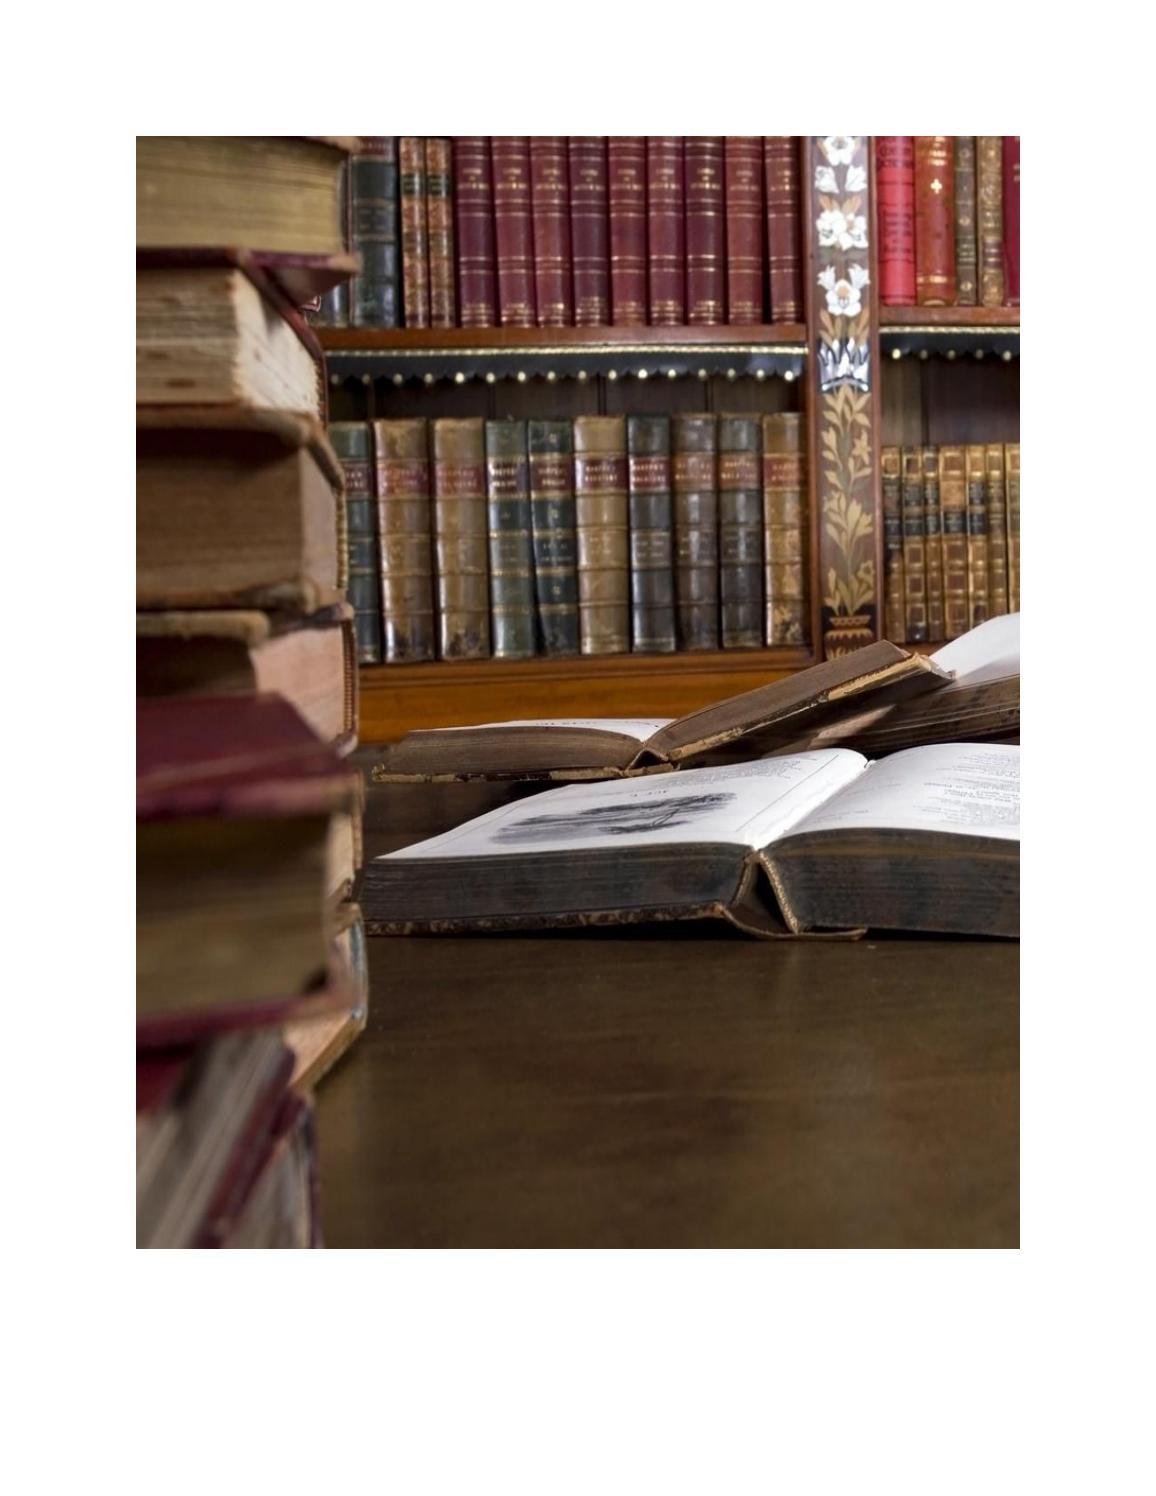 Como escribir un libro. by sayatoy - issuu